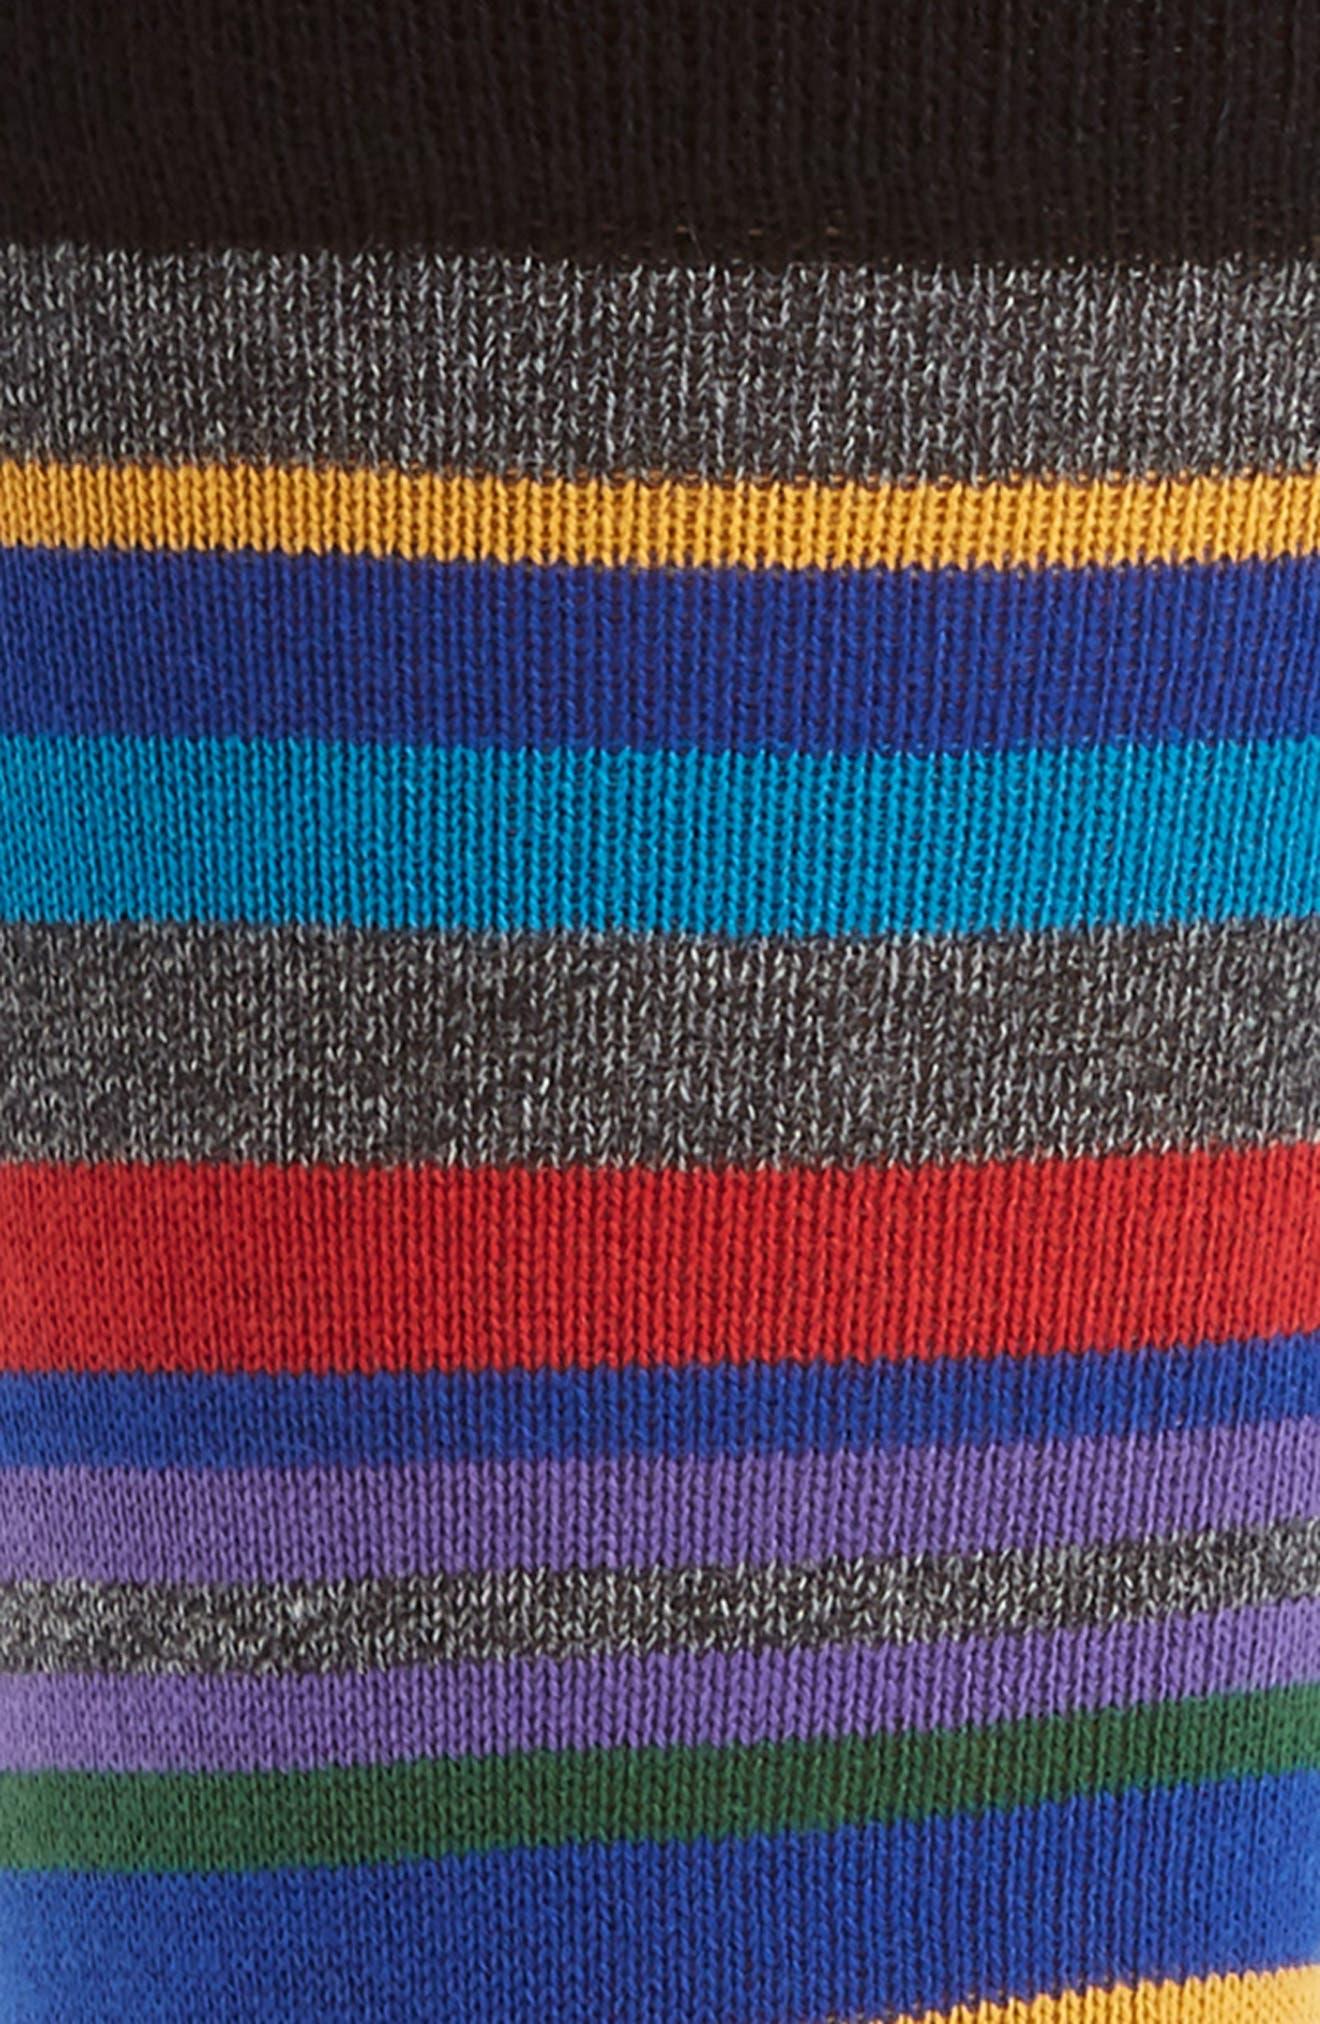 Aster Stripe Socks,                             Alternate thumbnail 2, color,                             001